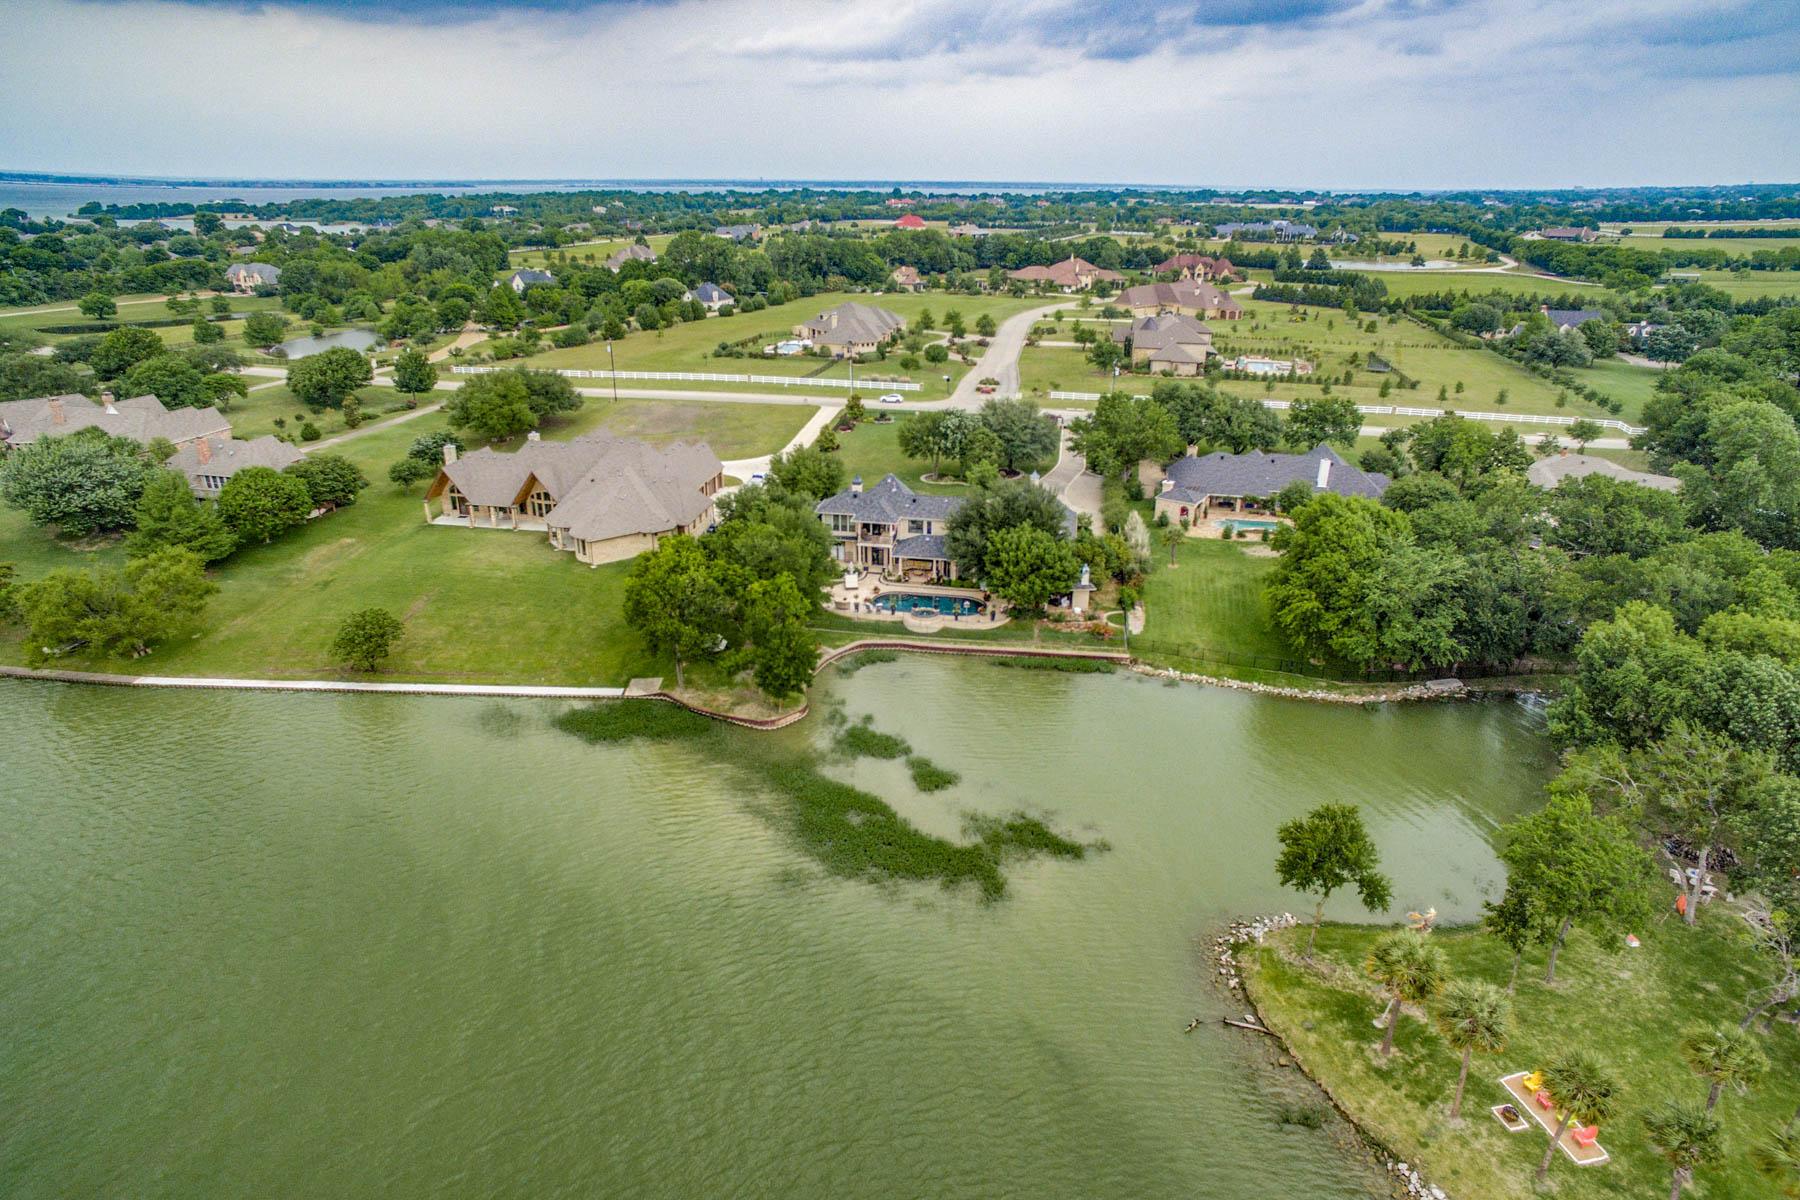 Частный односемейный дом для того Продажа на Lake Ray Hubbard Waterfront Views 205 Rush Creek Dr, Heath, Техас, 75032 Соединенные Штаты